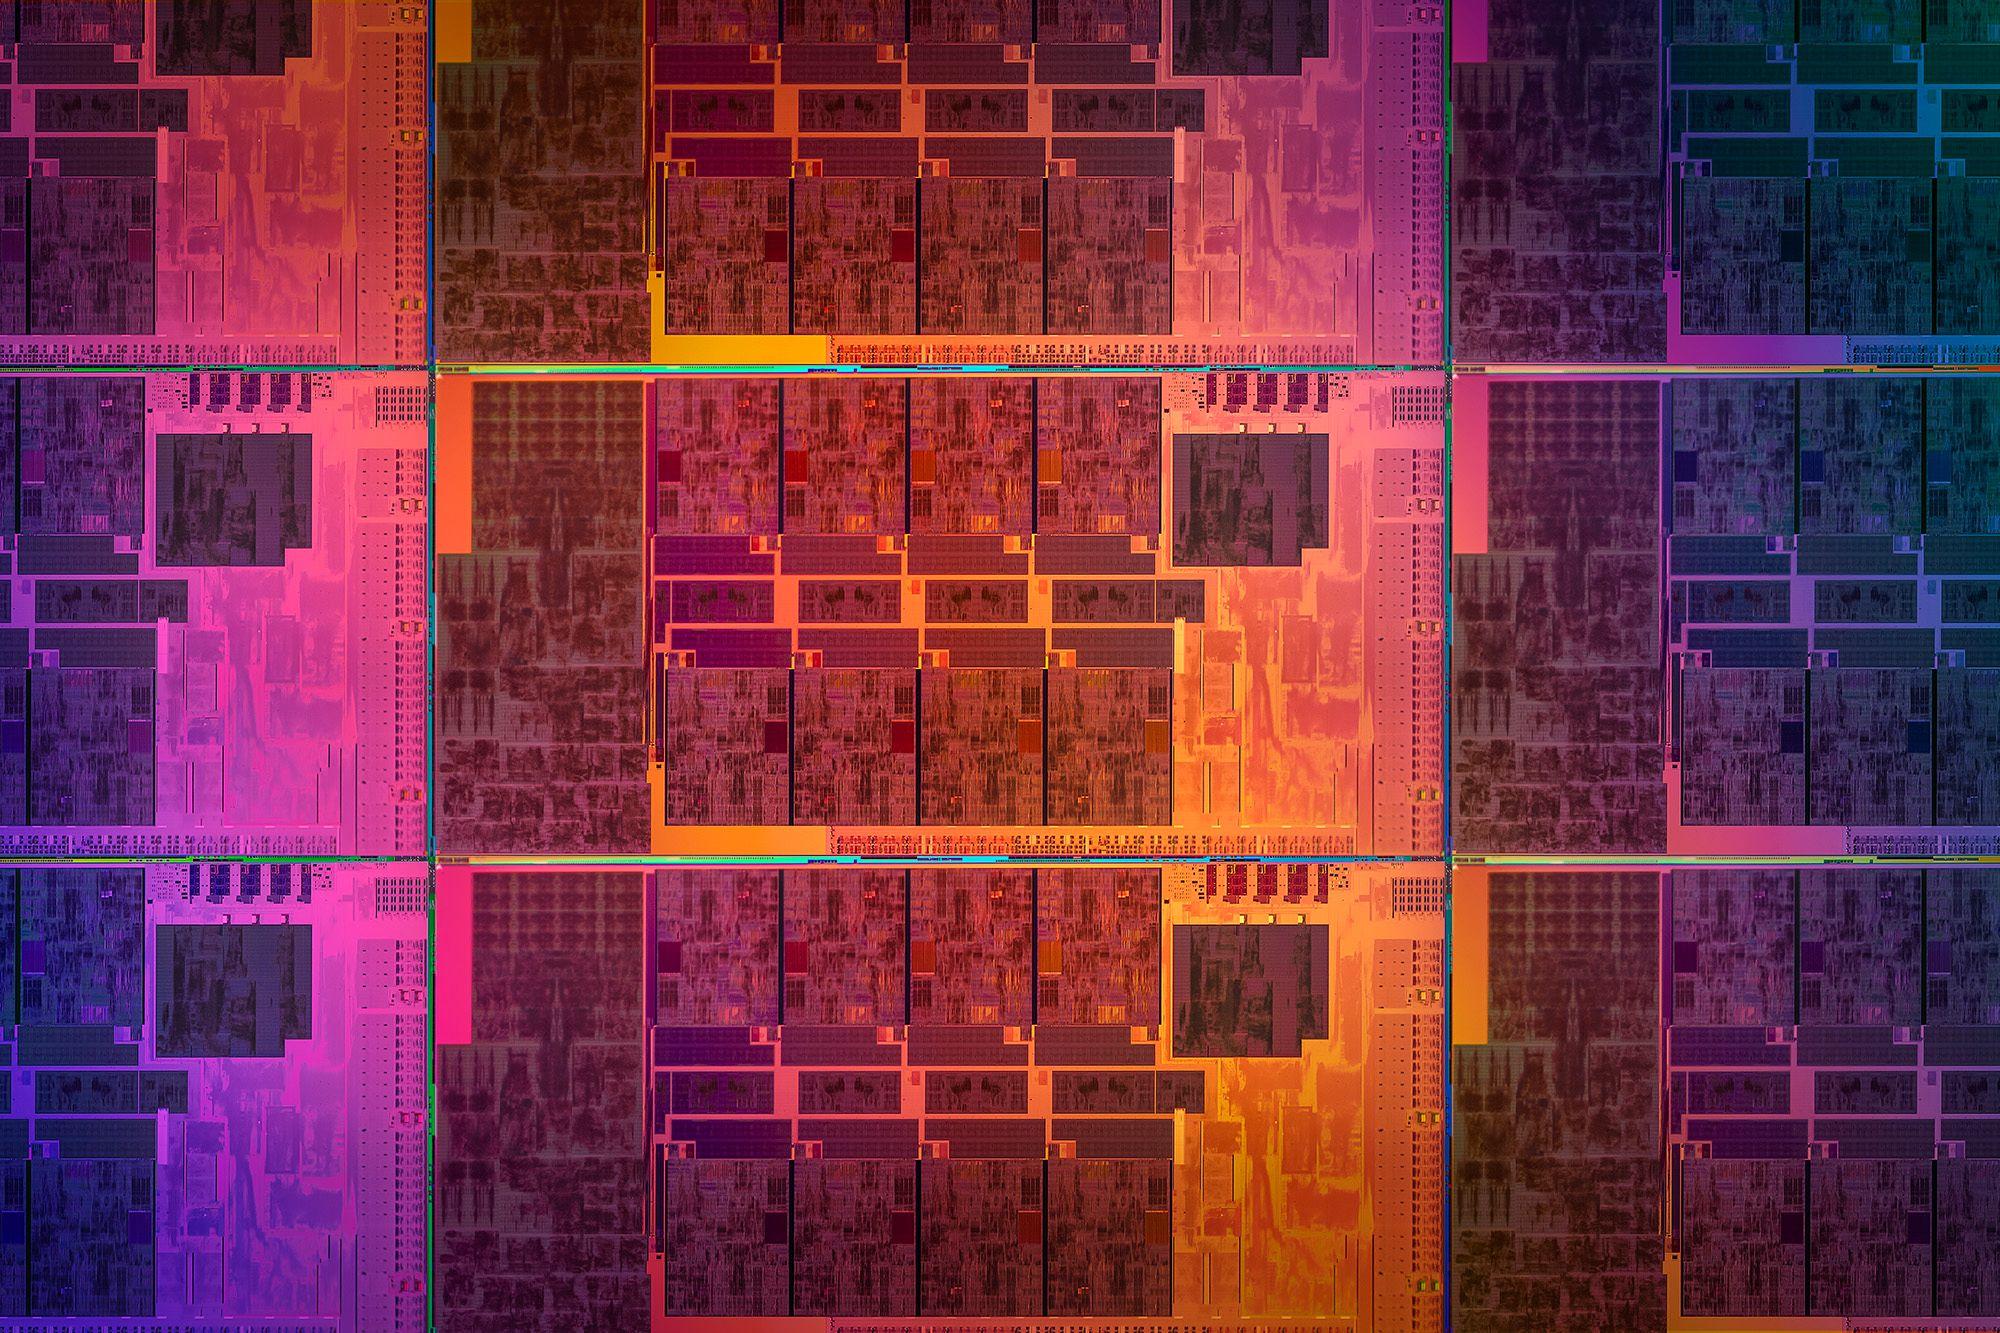 Media asset in full size related to 3dfxzone.it news item entitled as follows: Intel annuncia i processori Core di undicesima generazione per desktop | Image Name: news31812_Intel-11th-Gen-Core-Desktop_5.jpeg